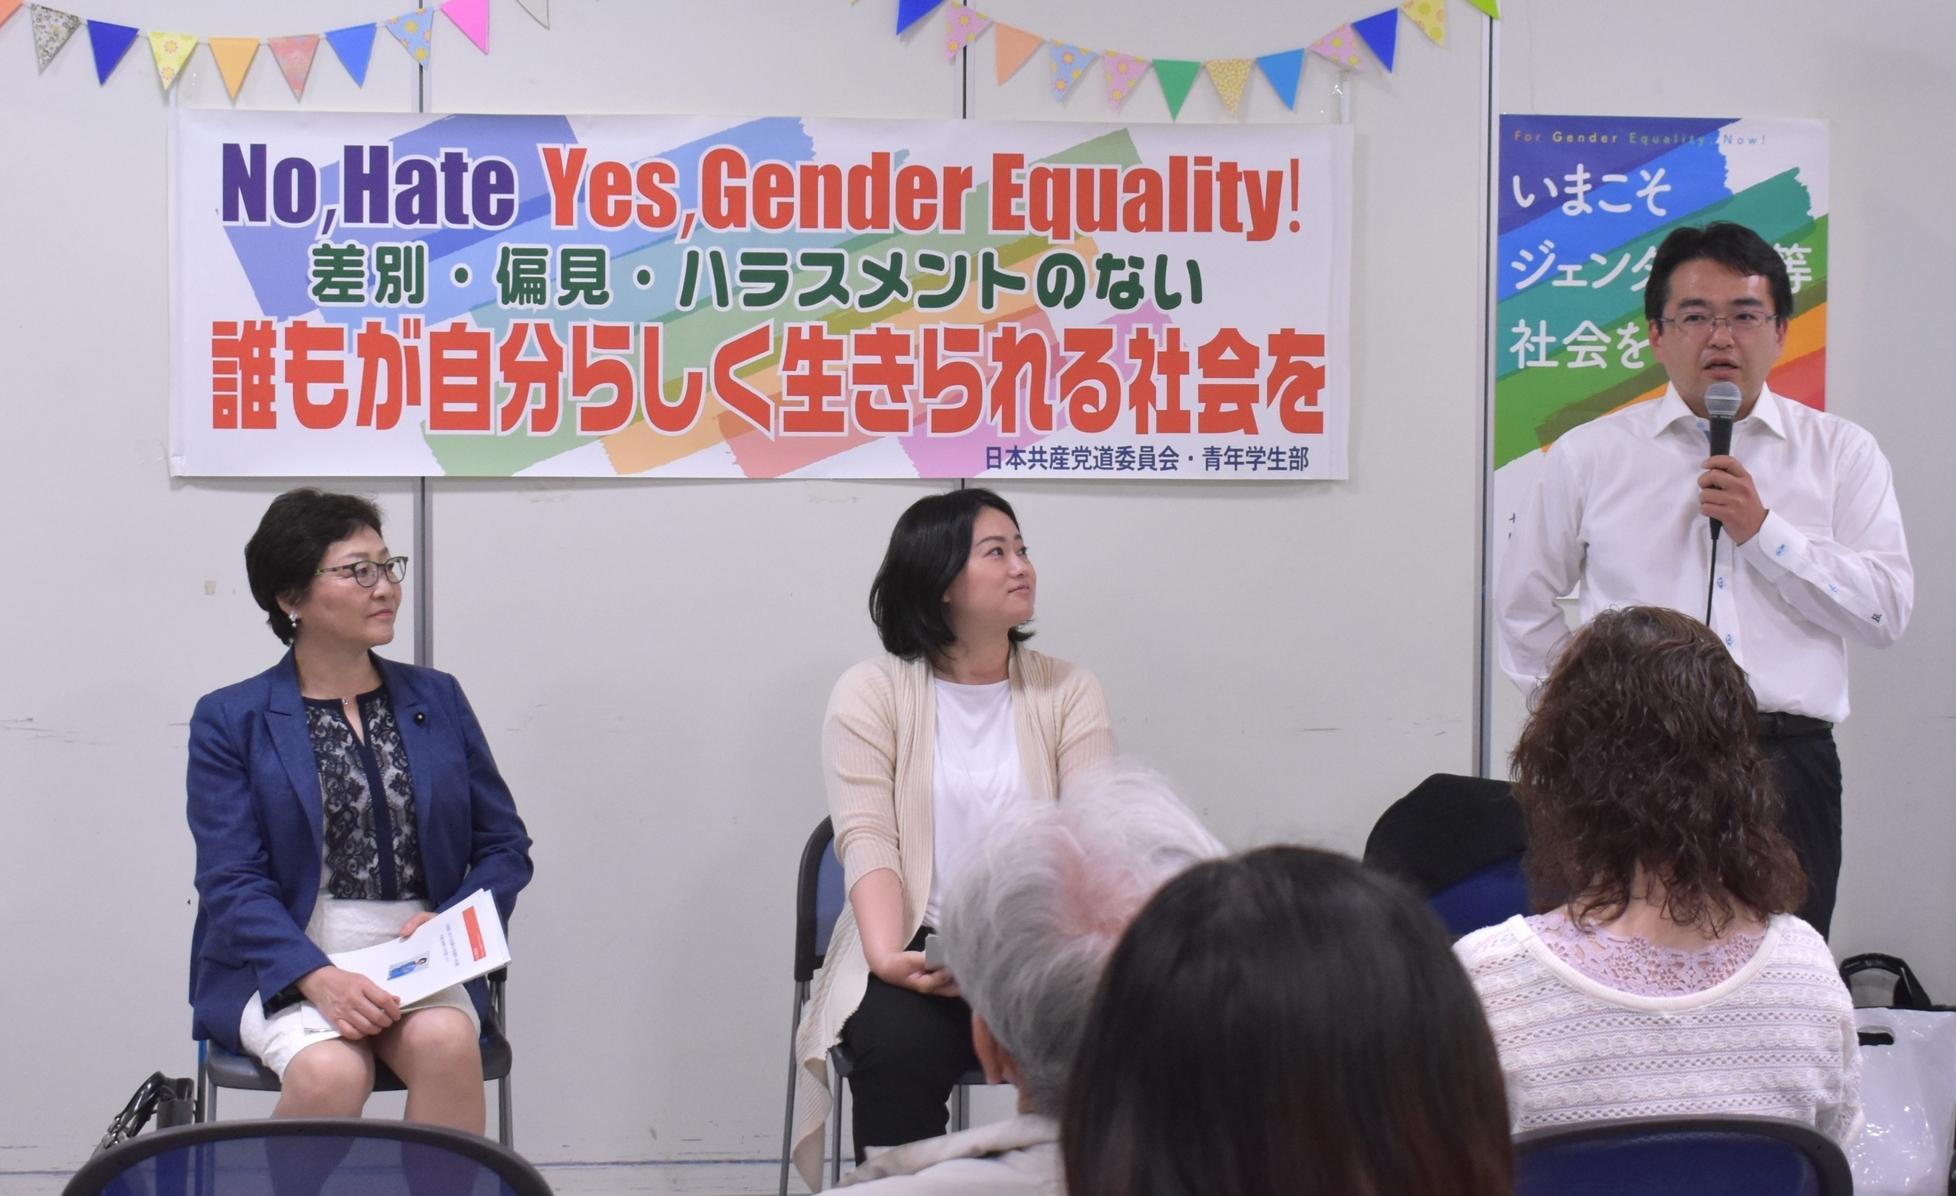 北海道 6月24日イベント写真.jpg